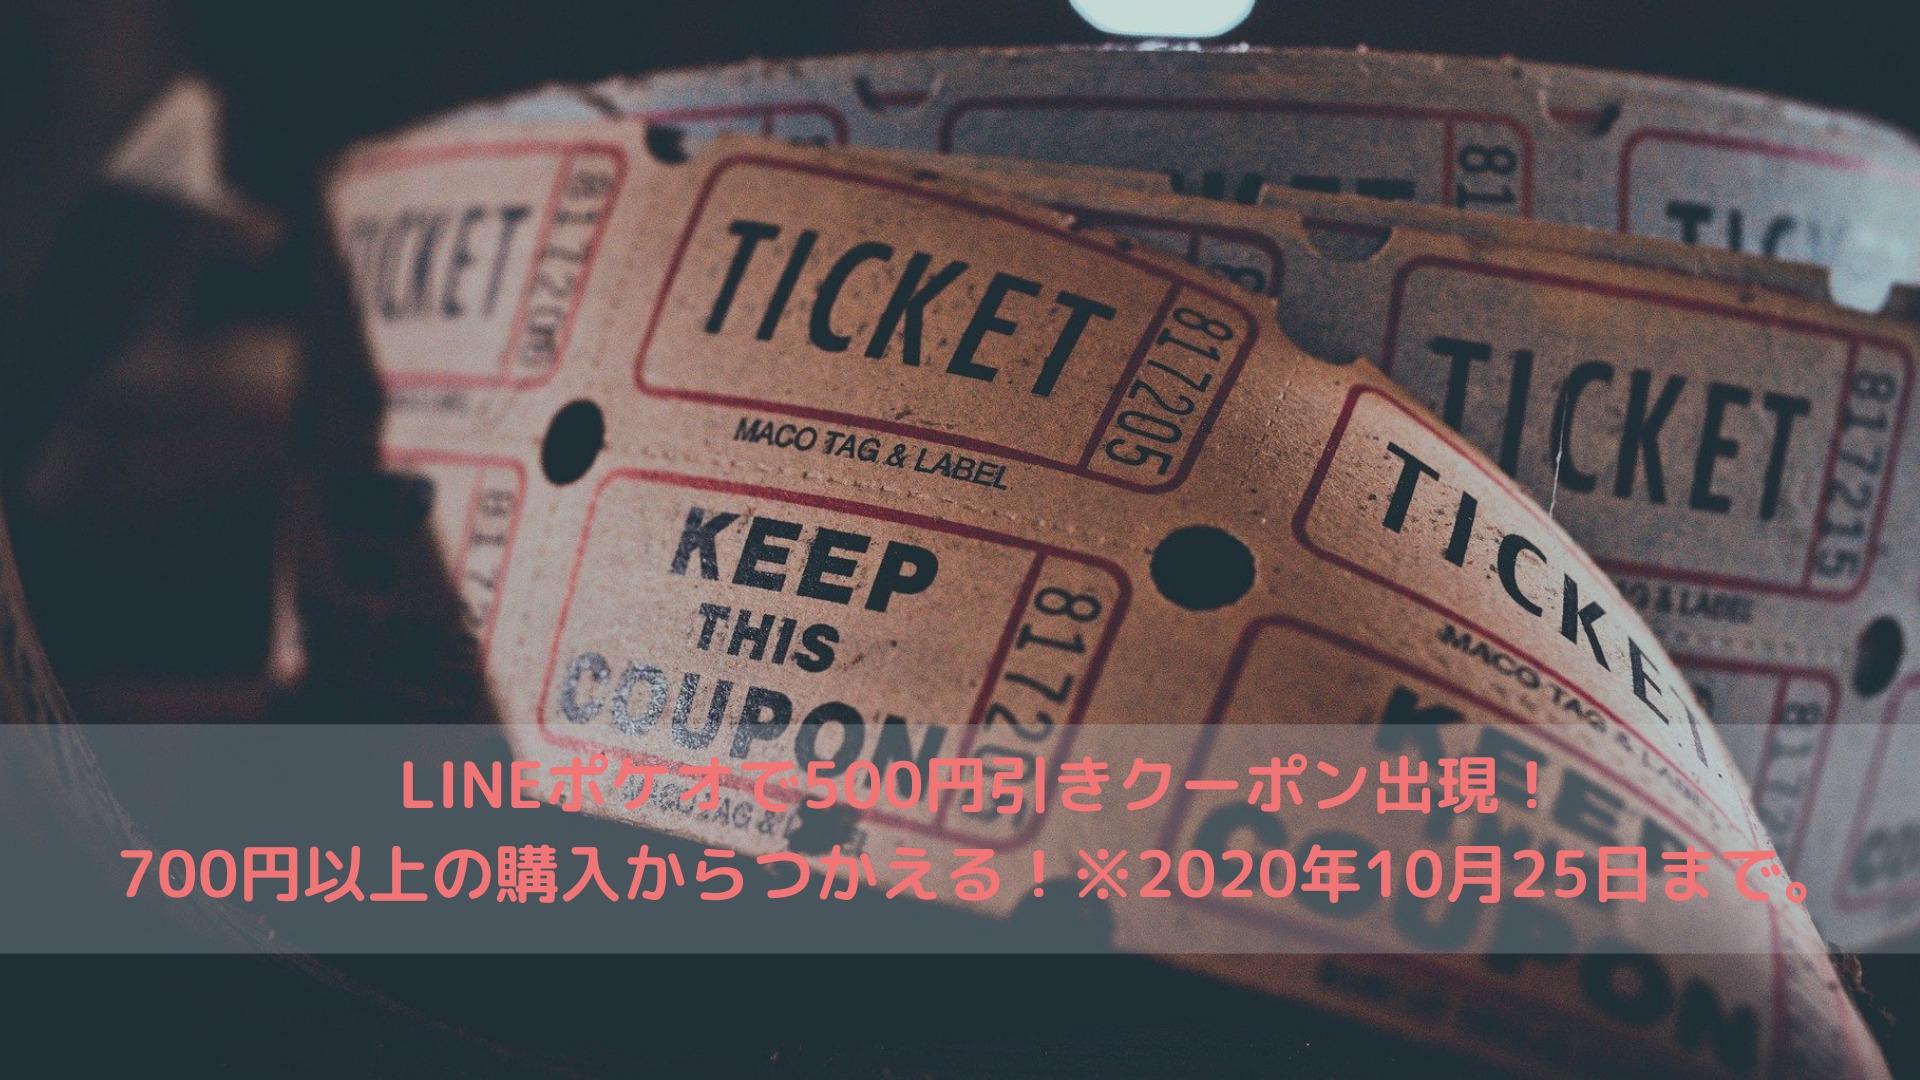 LINEポケオで500円引きクーポン出現!700円以上の購入からつかえる!※2020年10月25日まで。